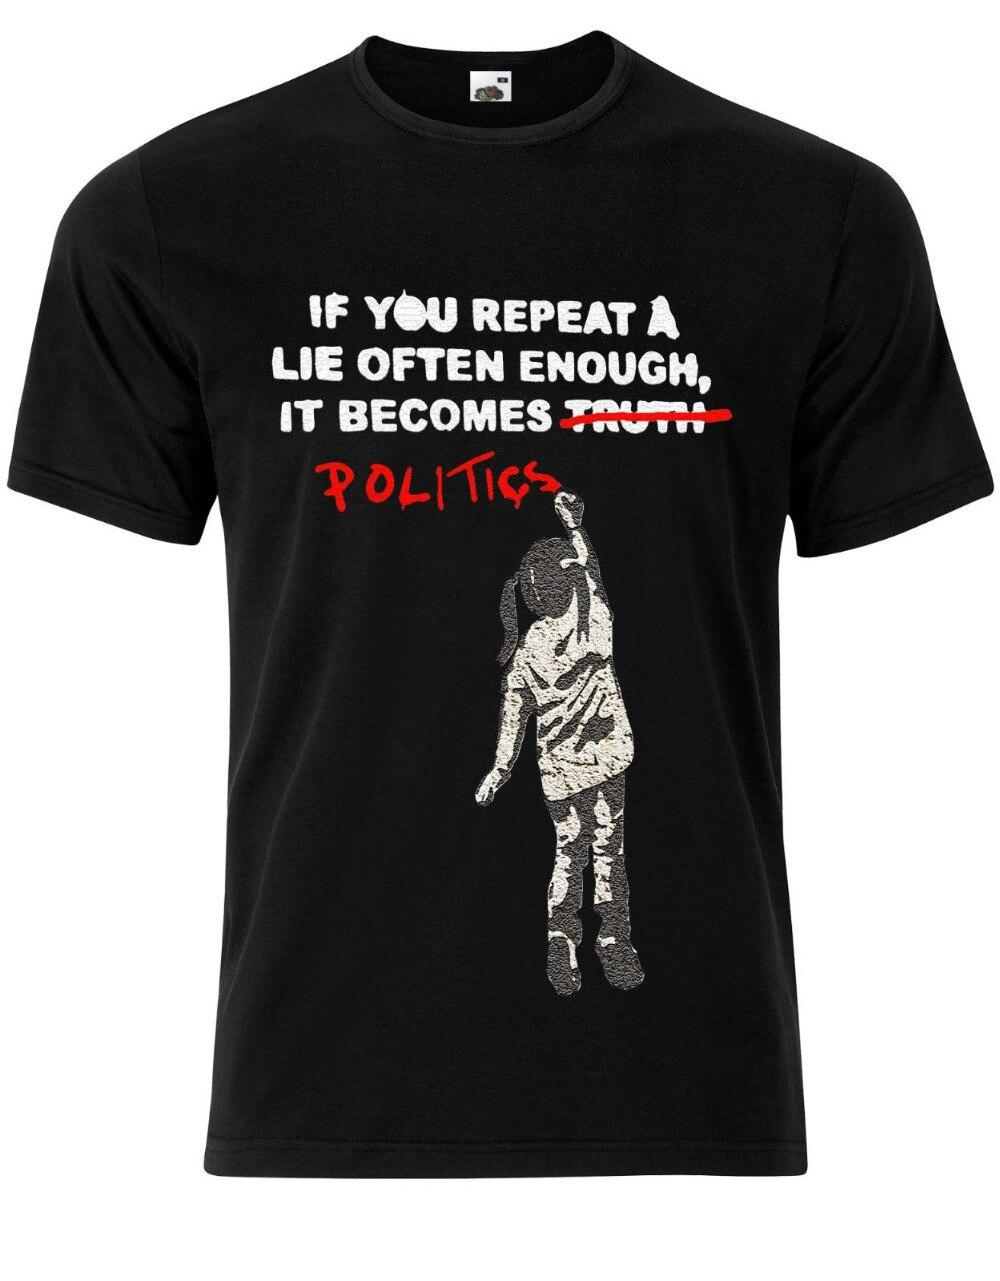 T-shirt 2017 Banksy Wenn Sie Wiederholen Eine Lüge Genug es Wird Politik Herren Langarm-t-shirt-stück-oberseite AG71 Kurzarm Shirts